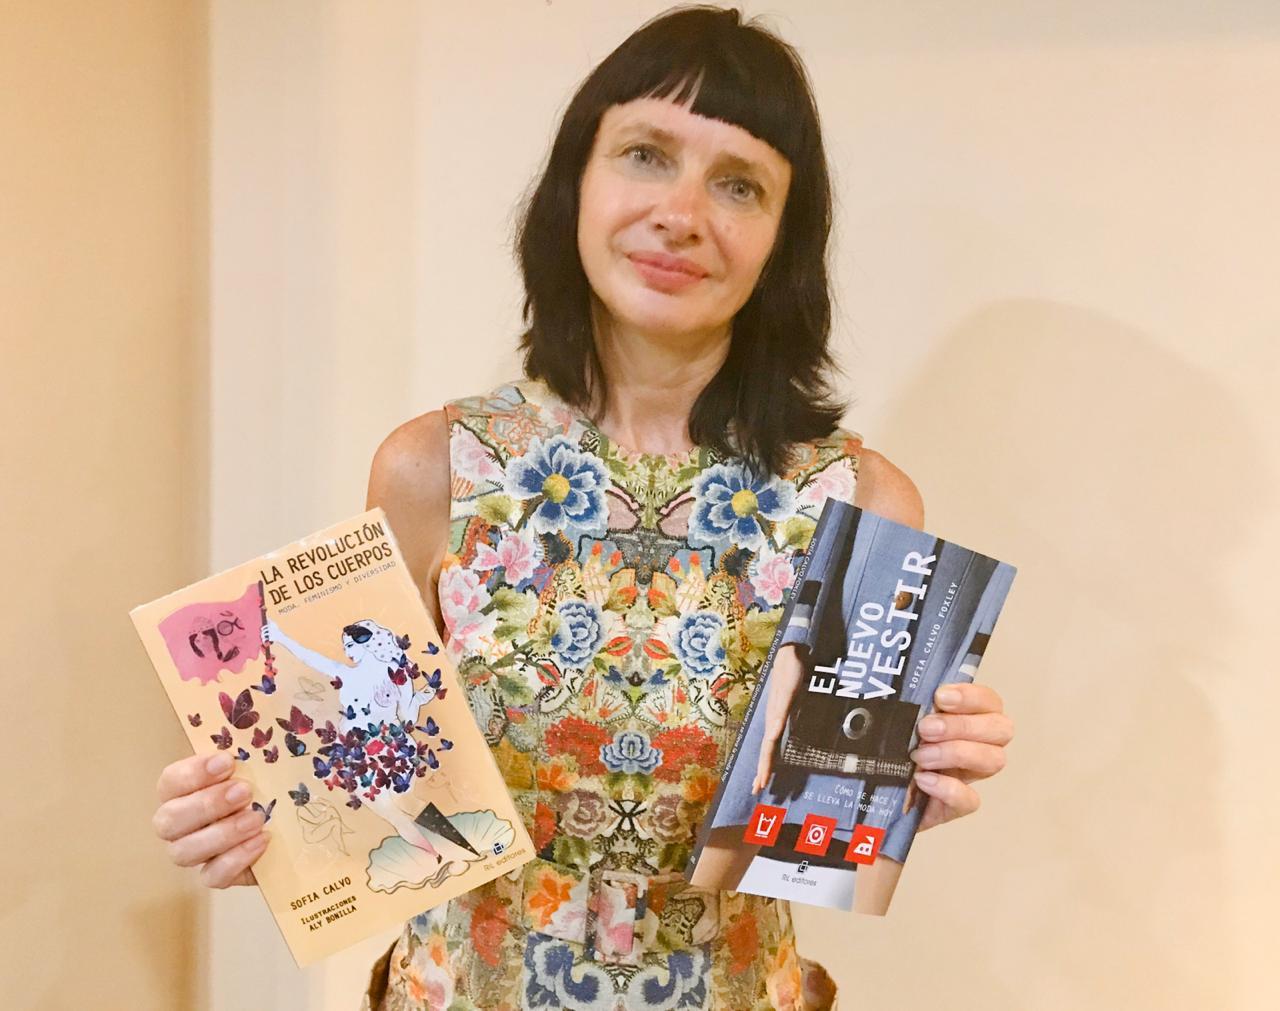 """En la imagen muestra los libros de Sofía Calvo directora de QT, La revolución de los cuerpos"""" y """"El Nuevo Vestir"""""""